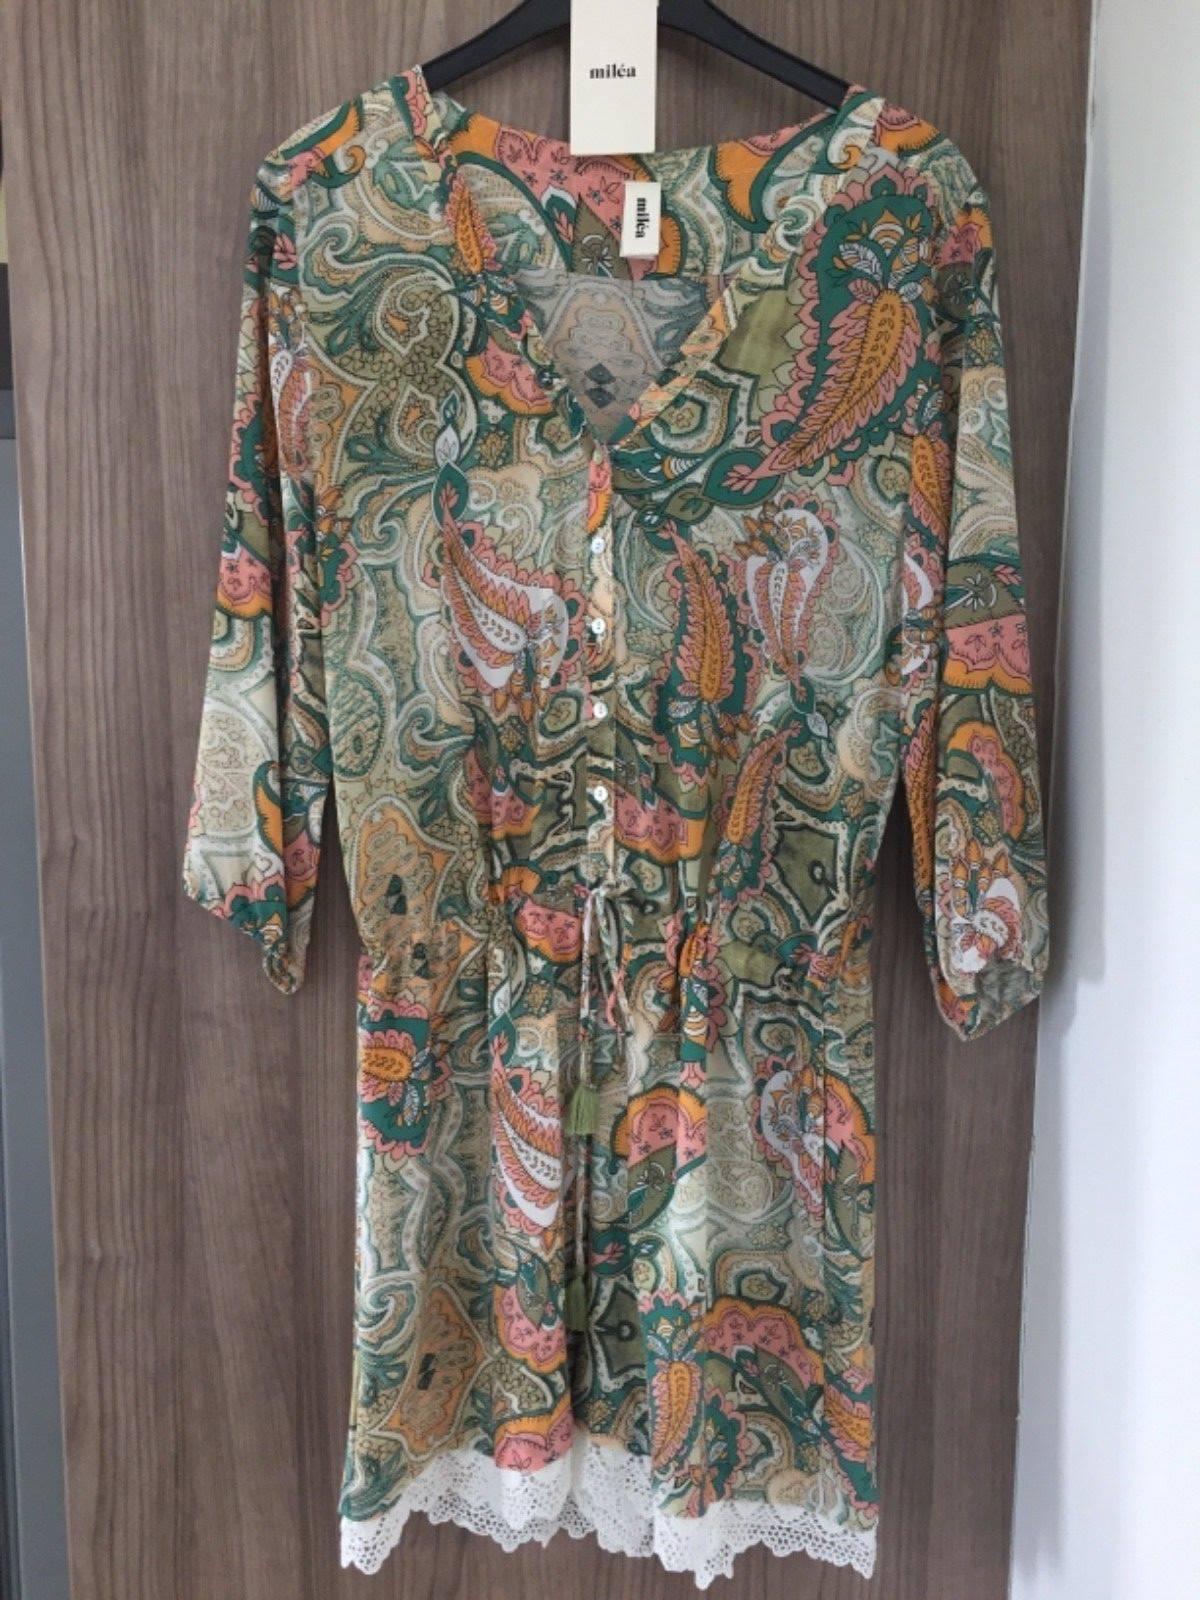 MILEA. All silk jumpsuit NWT  300.00